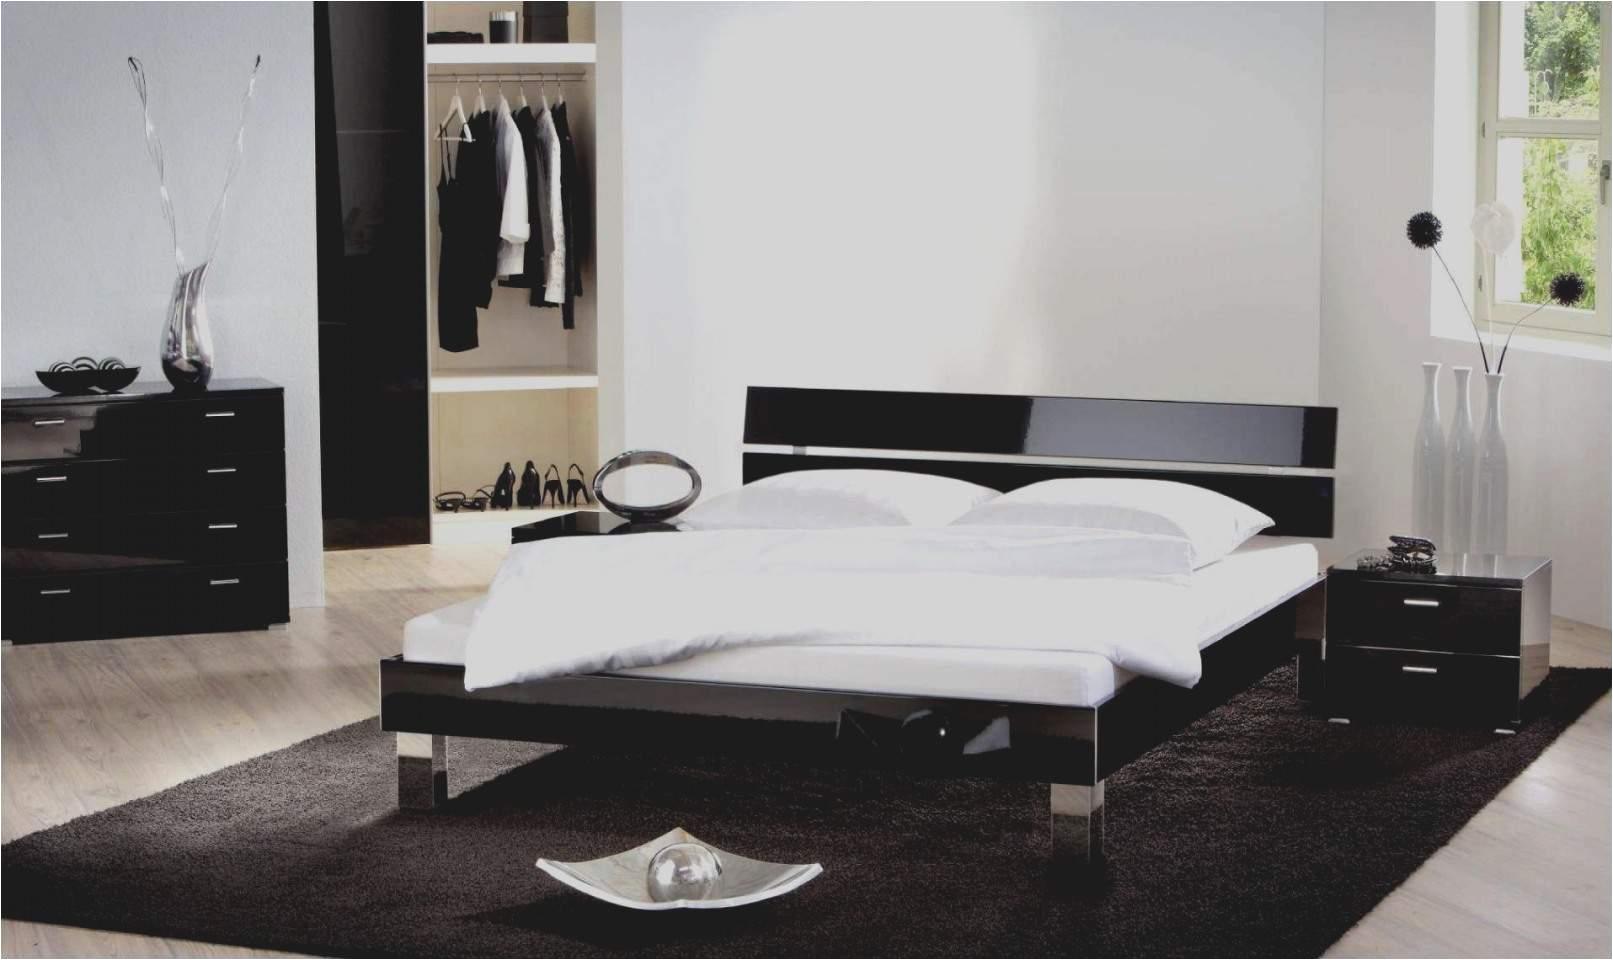 schoner wohnen wohnzimmer elegant schoner wohnen wohnzimmer luxus schoner wohnen farbrausch of schoner wohnen wohnzimmer